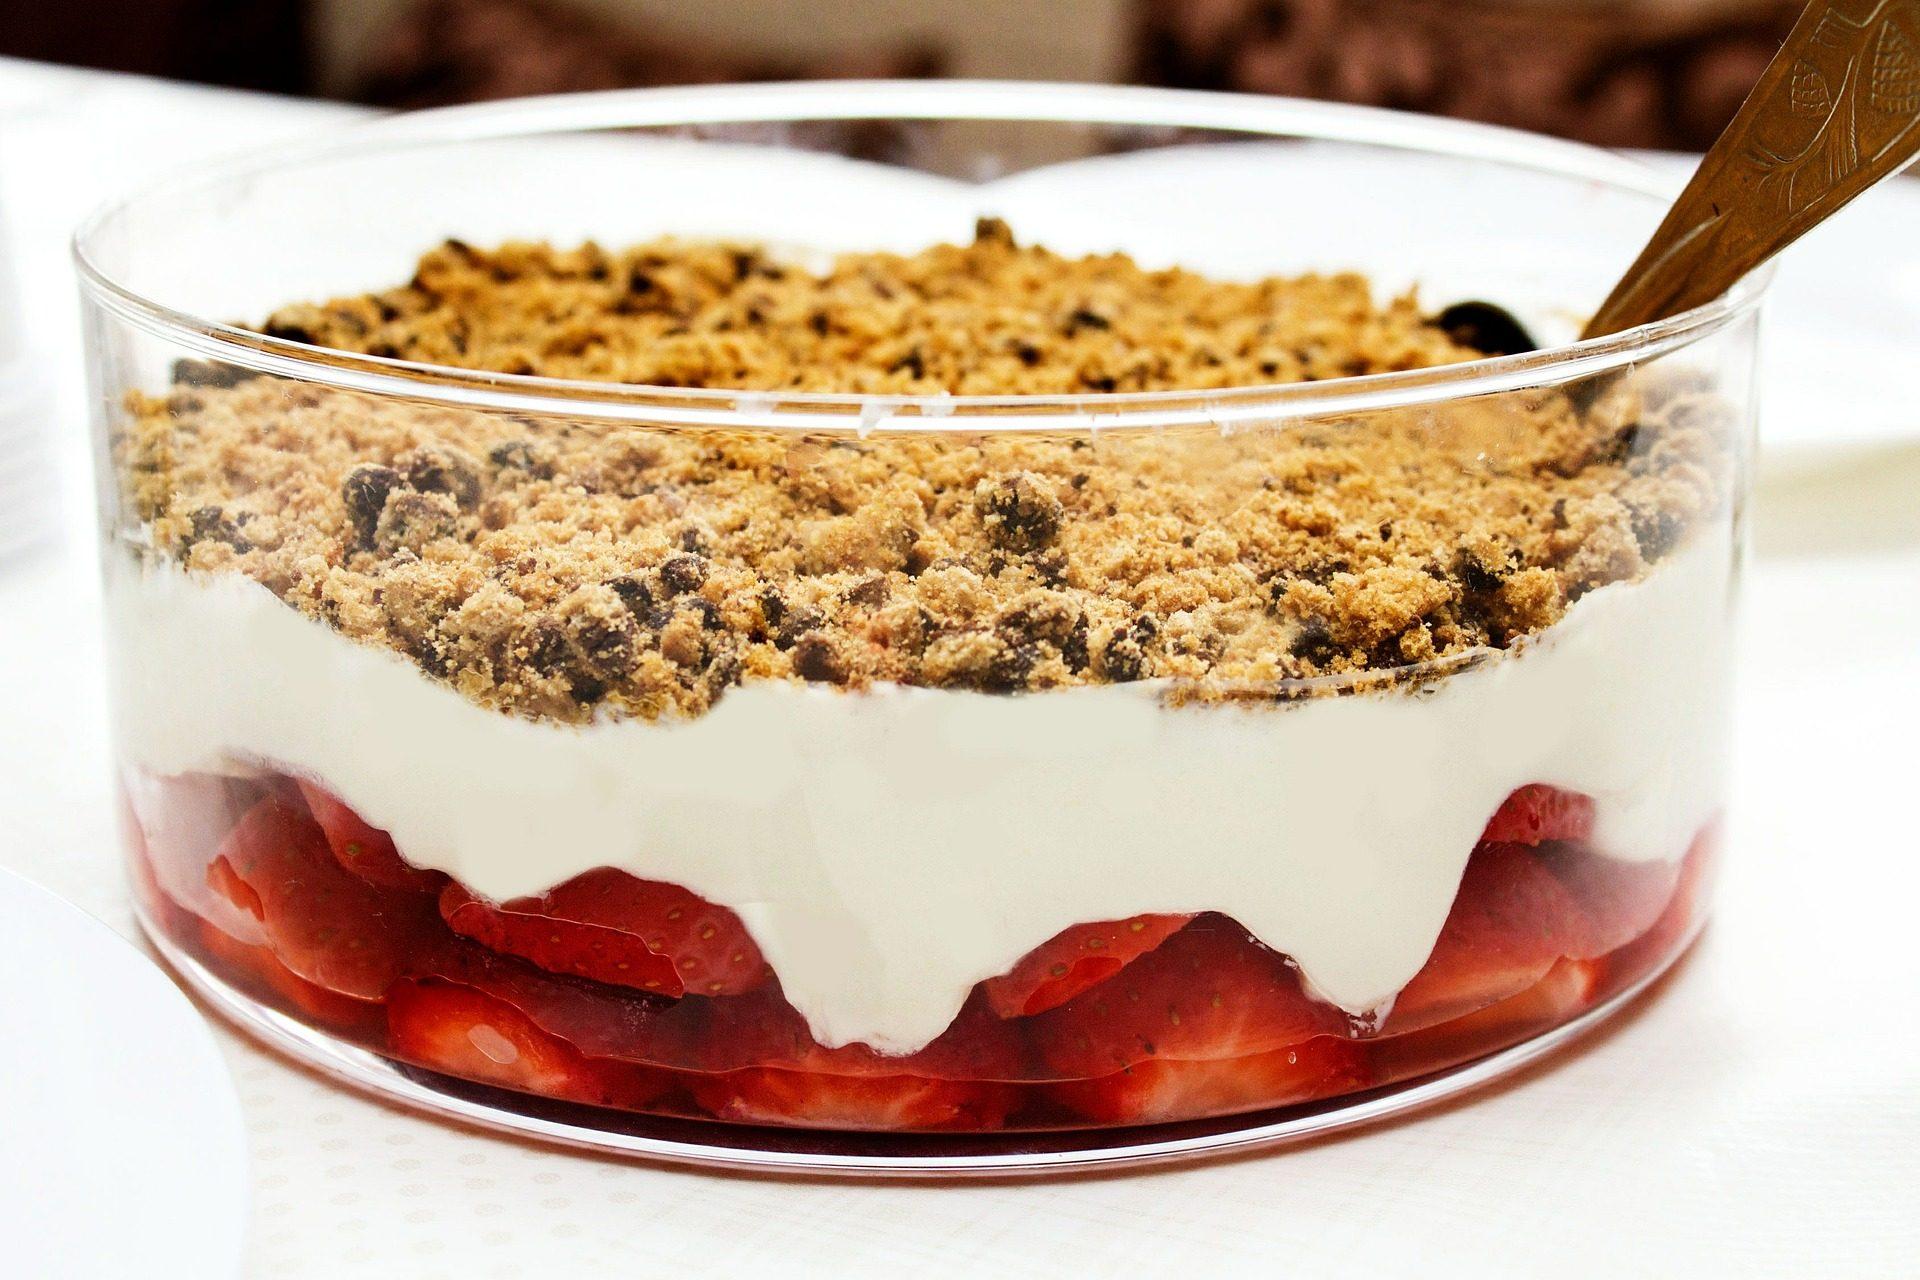 मिठाई, प्यारा, स्ट्रॉबेरी, muesli, क्रीम, केक - HD वॉलपेपर - प्रोफेसर-falken.com